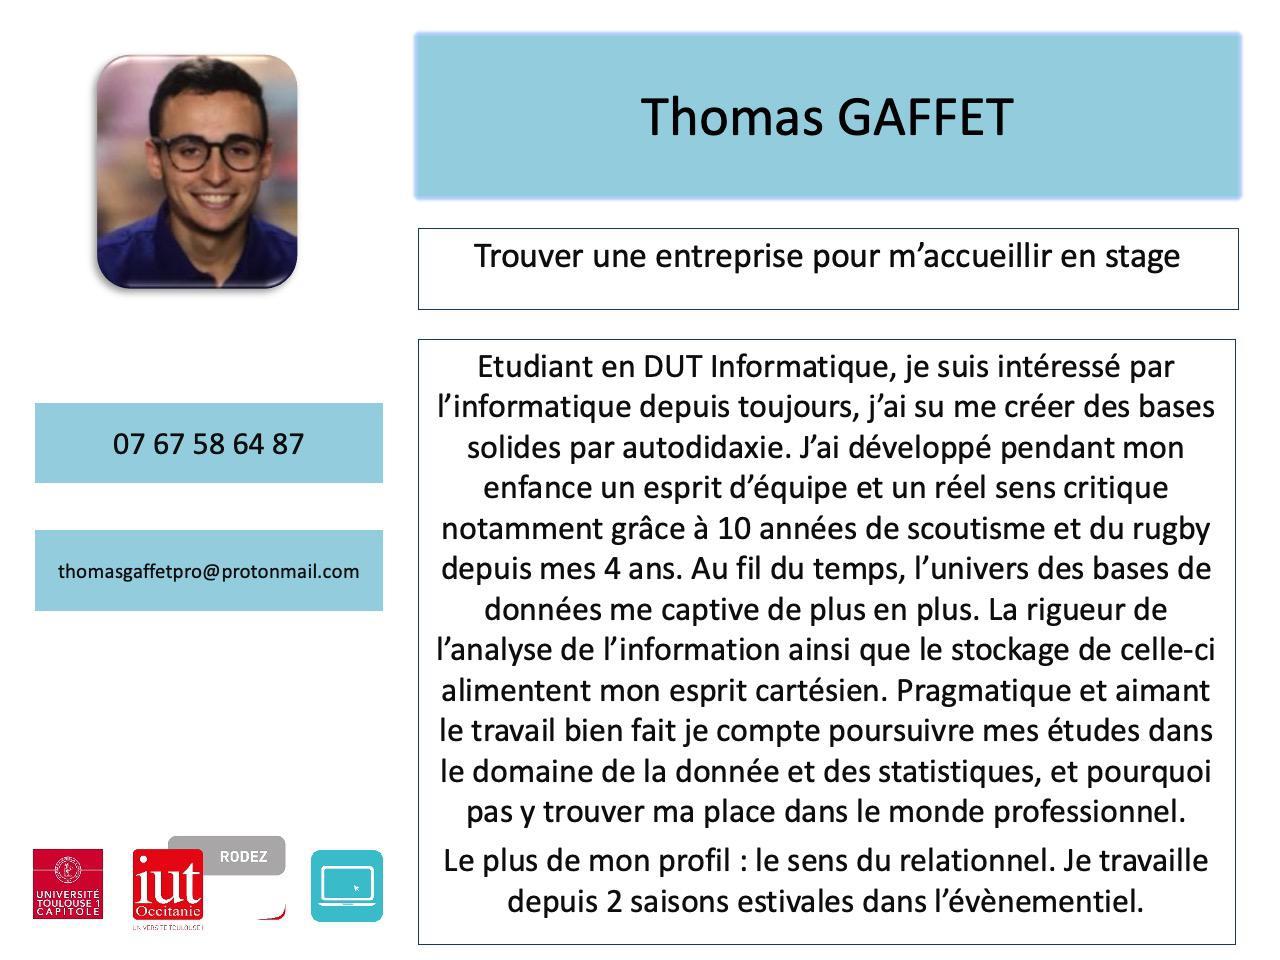 Thomas Gaffet